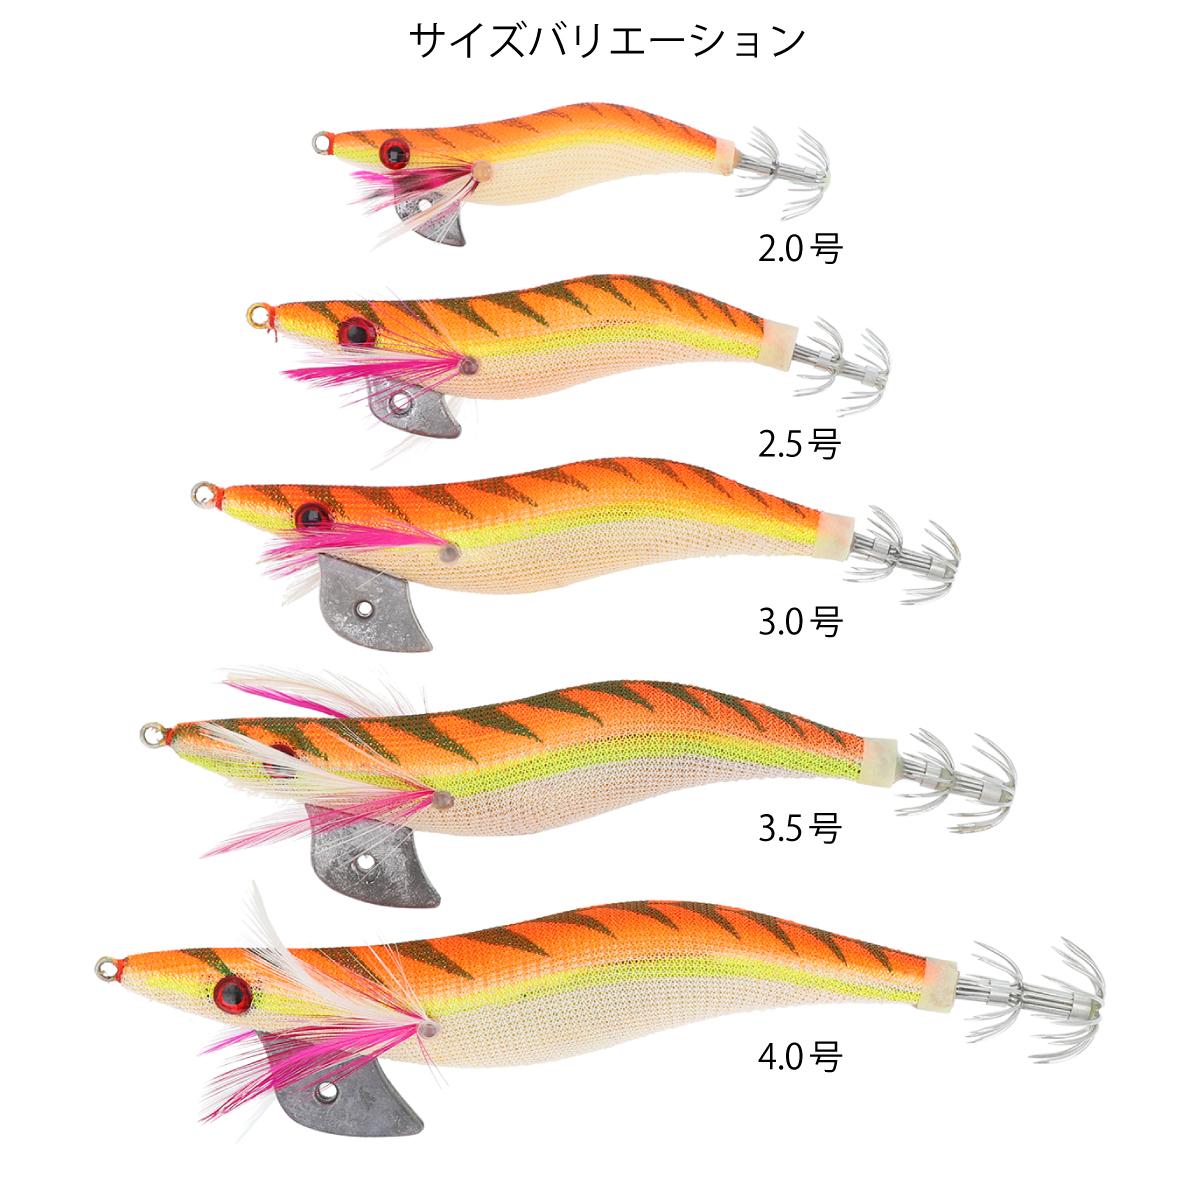 タカミヤ エギボンバー 2.5号 オレンジ